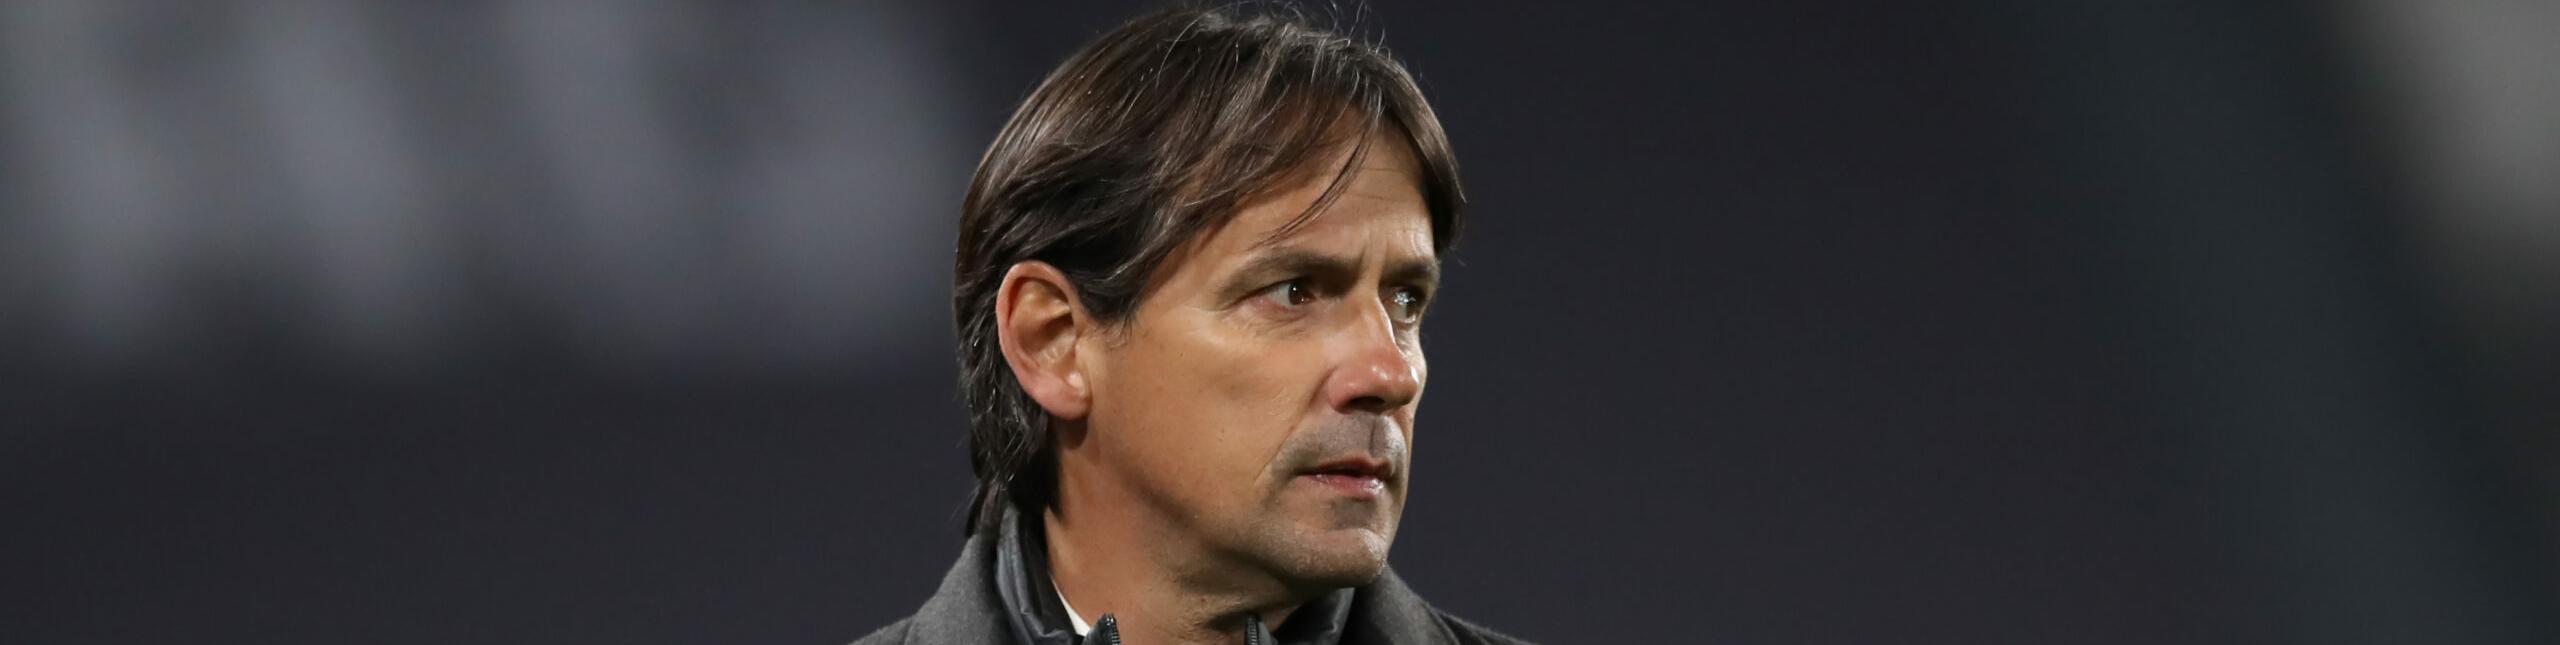 Lazio-Crotone, Inzaghi pensa a turnover e Champions ma non vuole sorprese